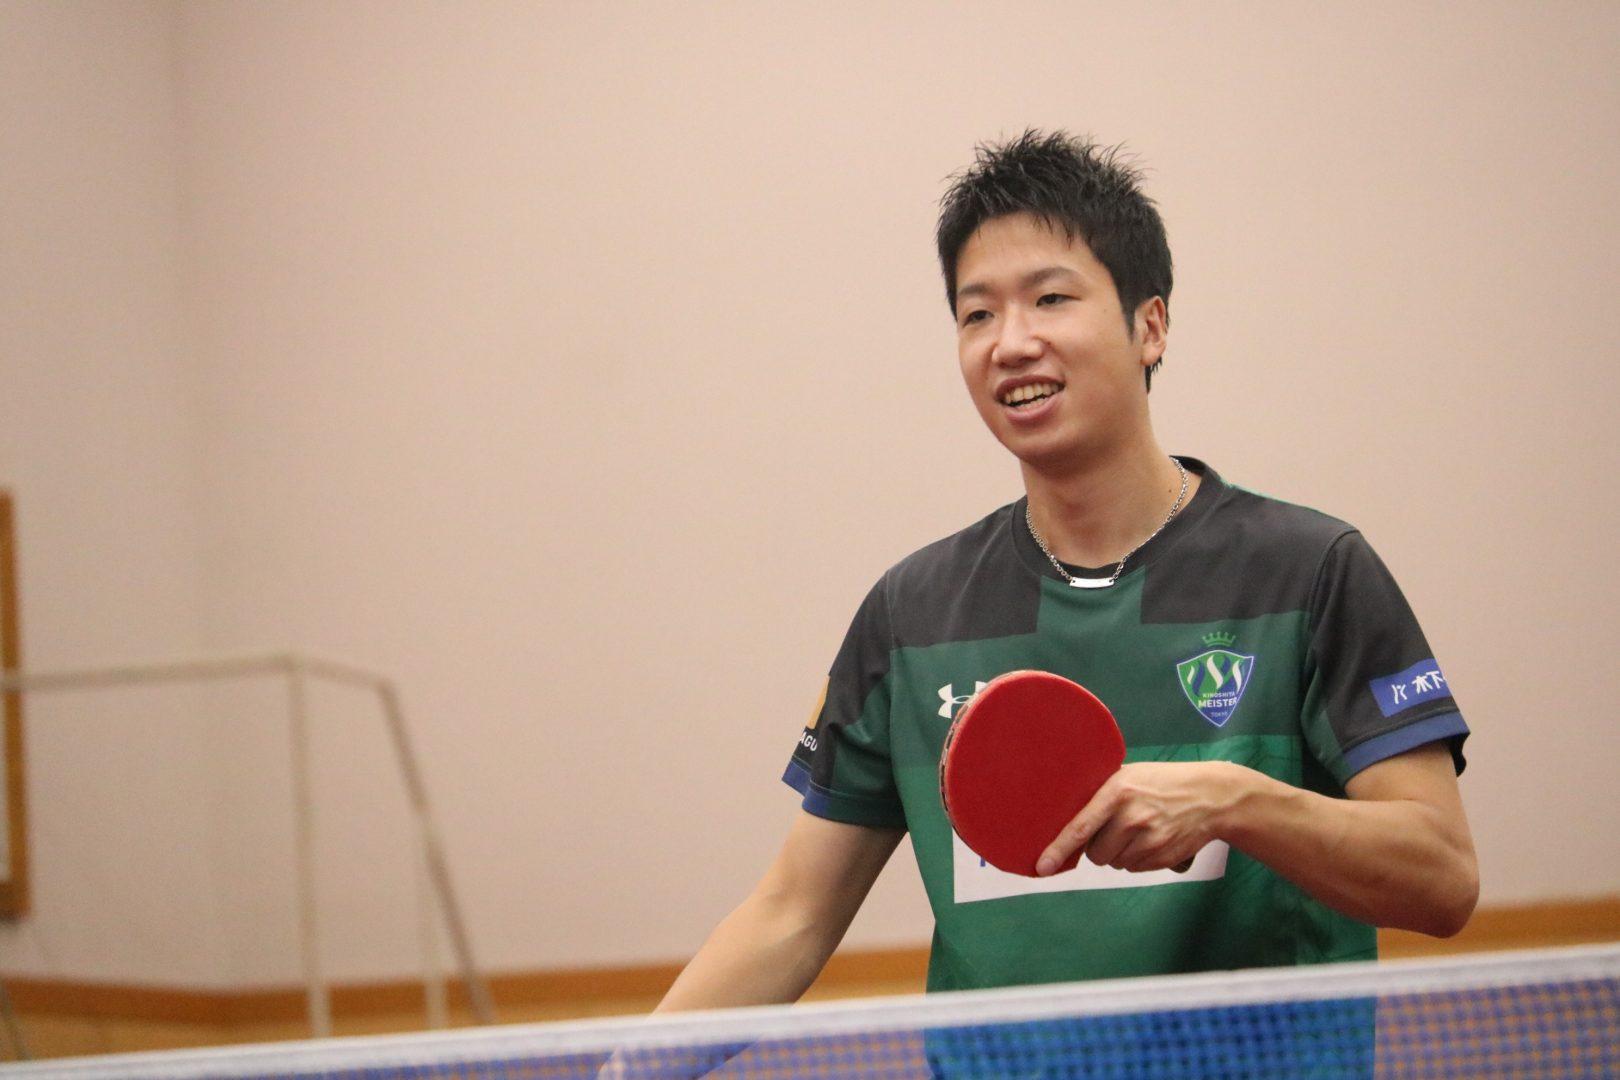 水谷発言が波紋「卓球選手、ノーパン」説を徹底検証 発祥は埼玉との証言